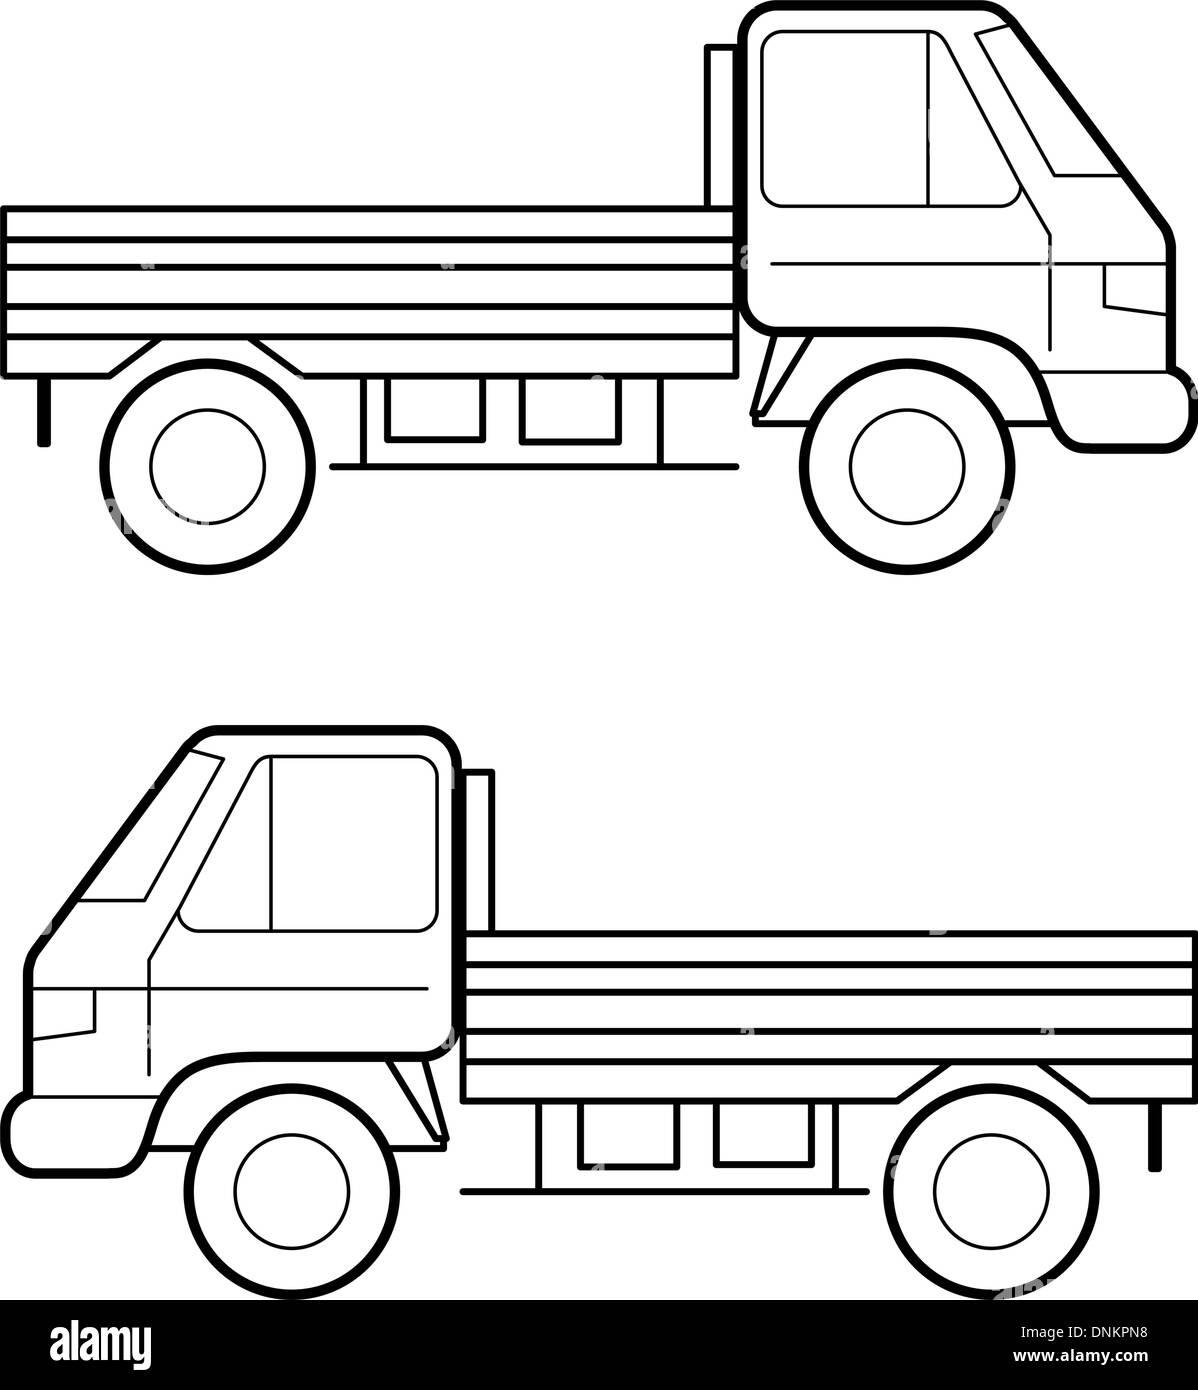 Voiture , vector lignes noires sur fond blanc Illustration de Vecteur